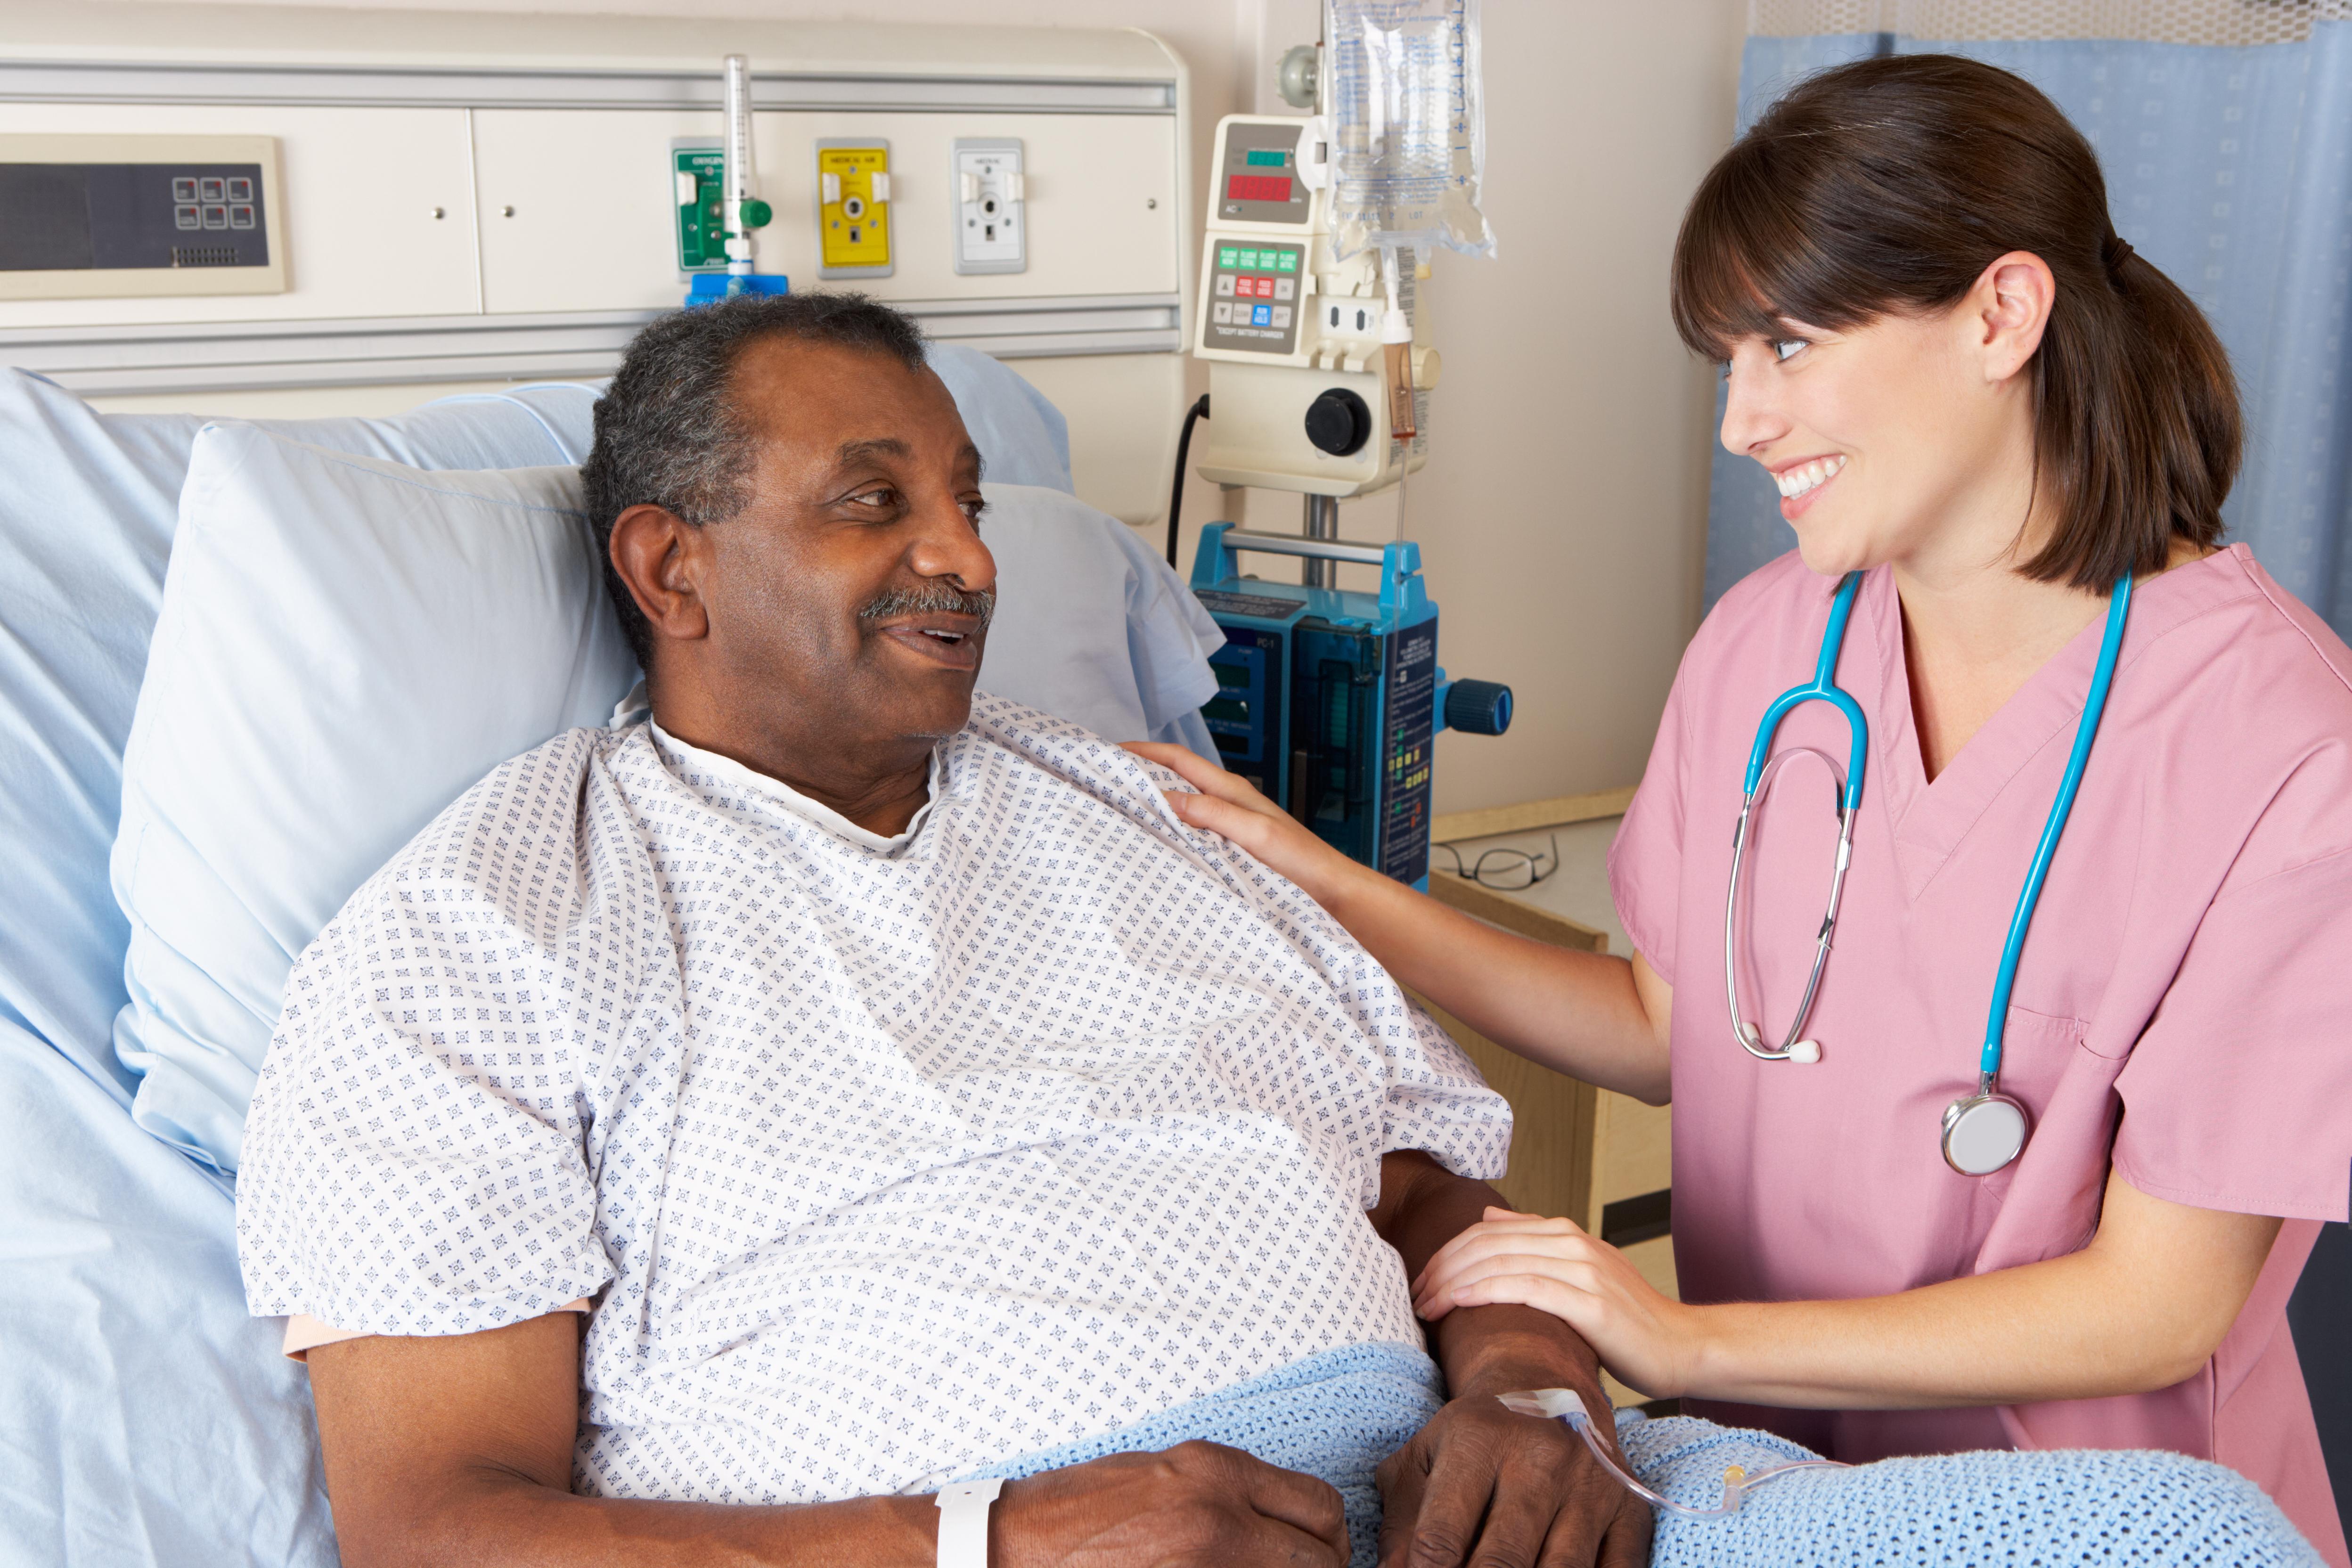 Med regelbunden uppföljning och samtal kring levnadsvanor hoppas vården bättre kunna förebygga fler hjärtinfarkter hos patienter.